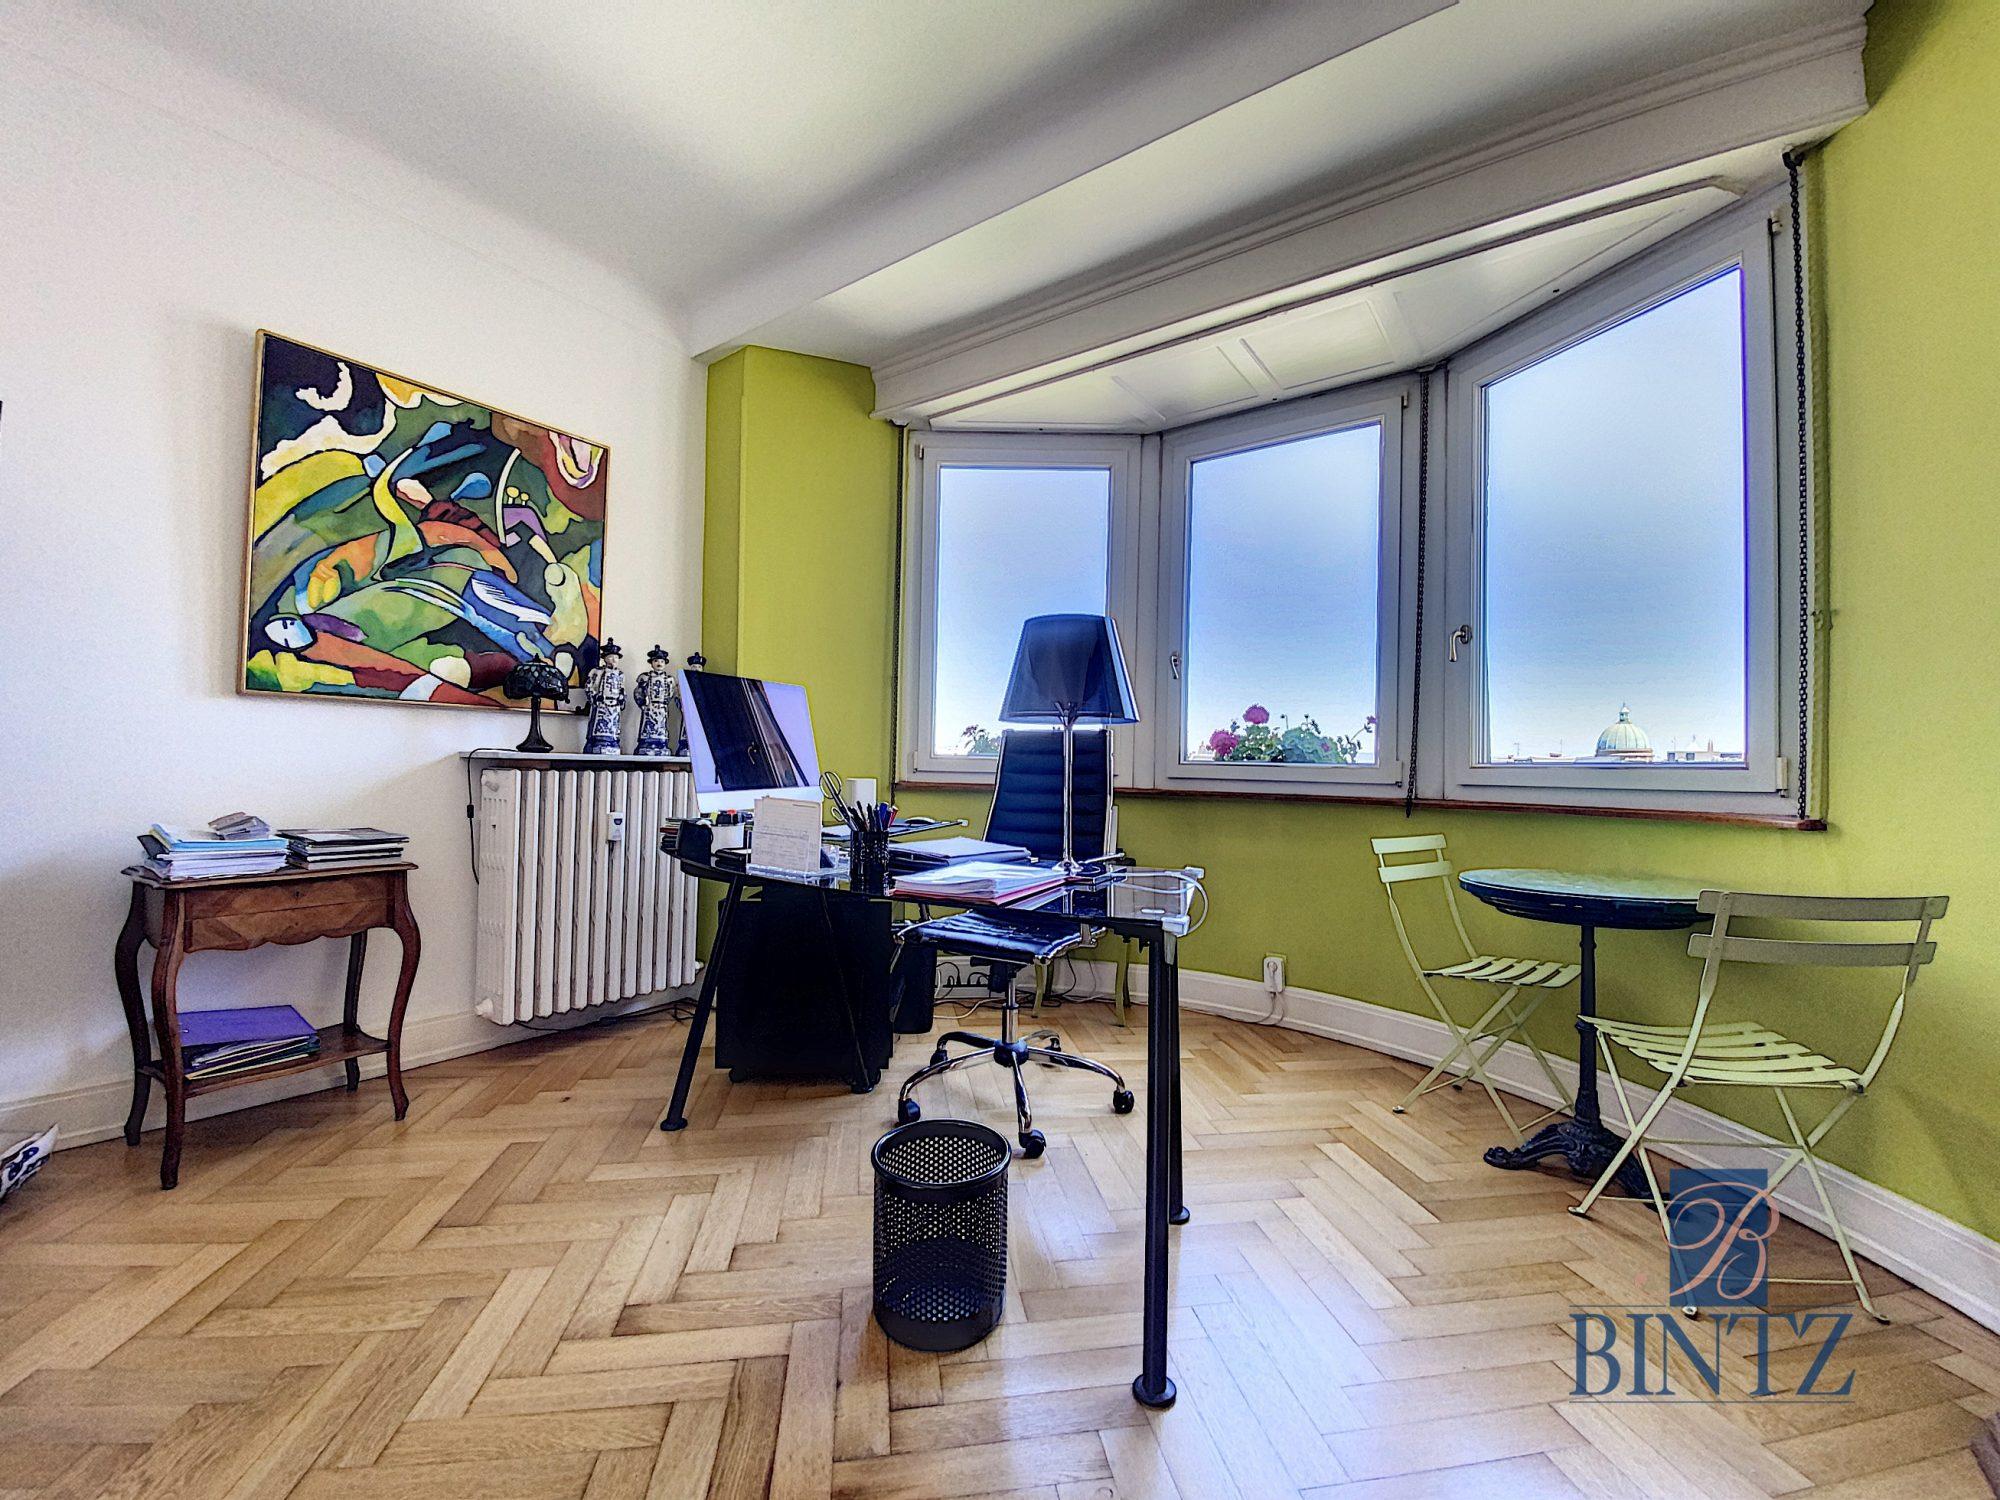 5 PIÈCES QUARTIER DES HALLES - Devenez propriétaire en toute confiance - Bintz Immobilier - 14